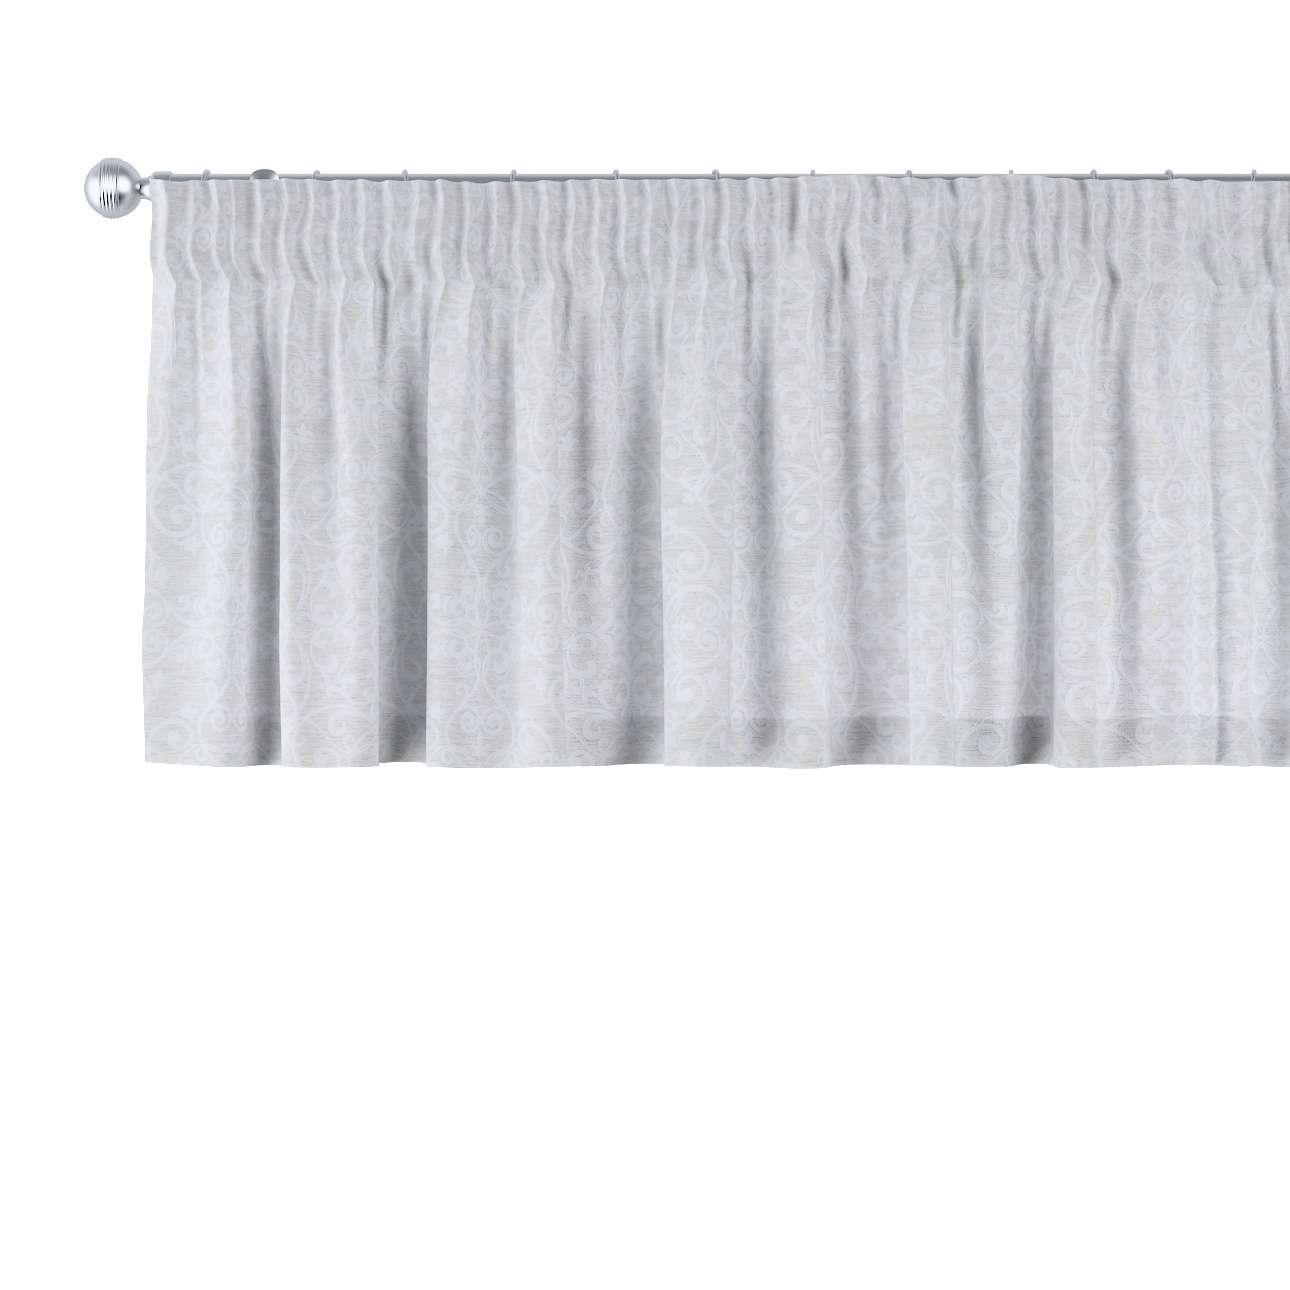 Krátky záves na riasiacej páske V kolekcii Venice, tkanina: 140-49